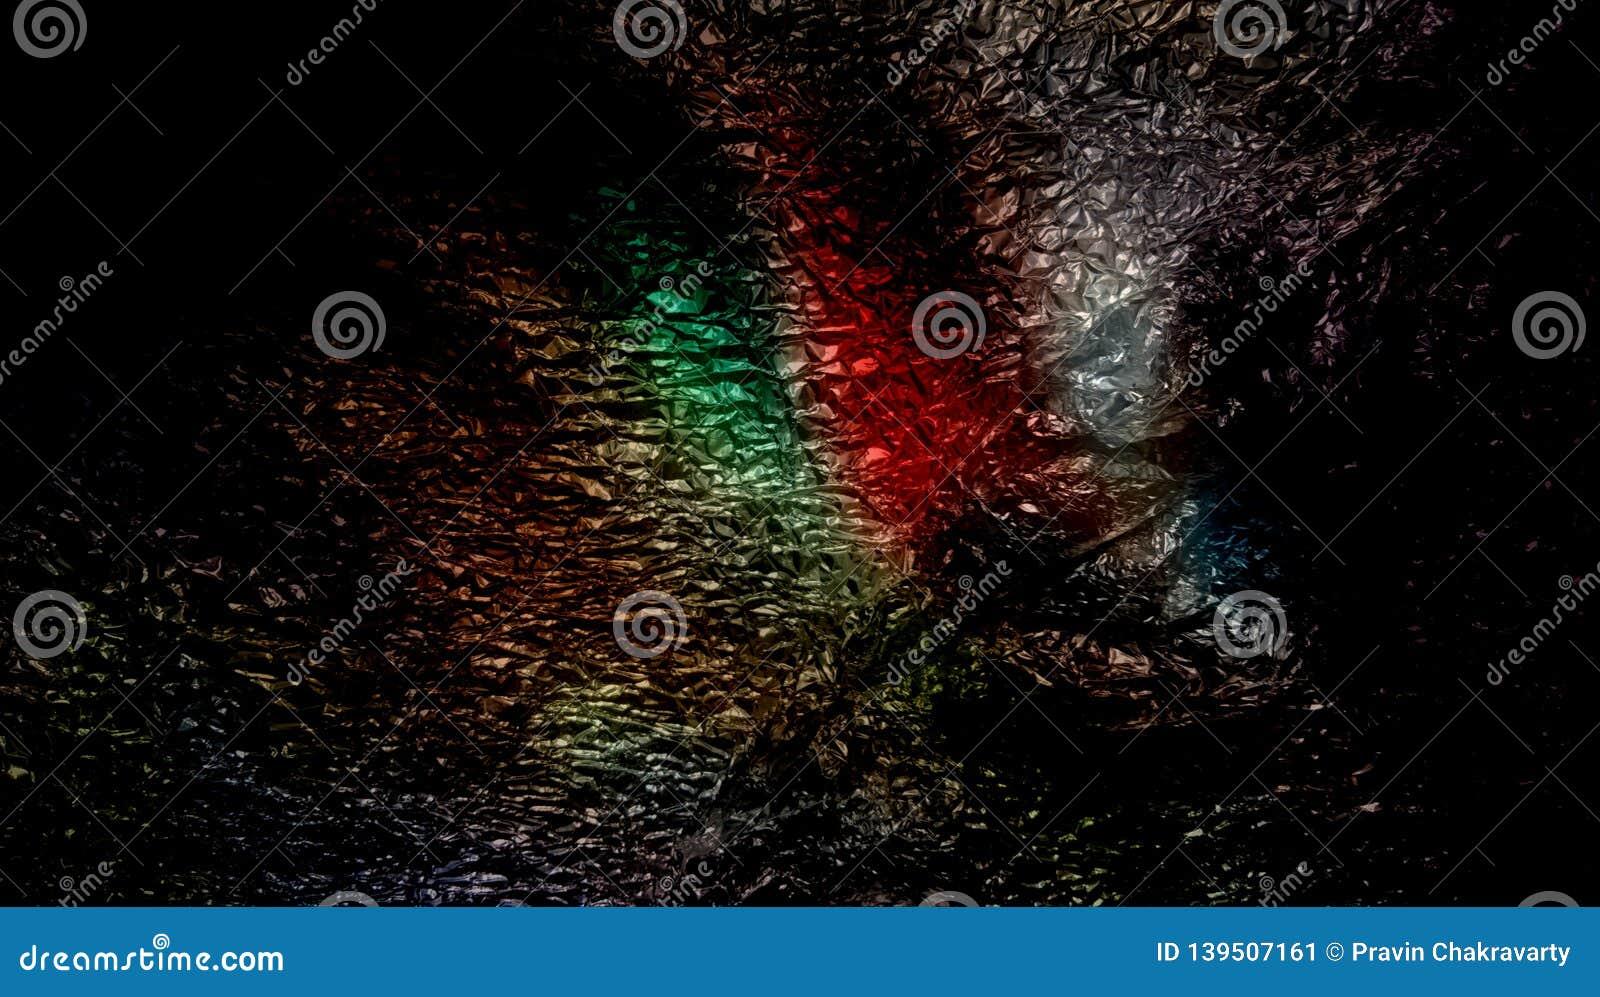 Abstracte multicolored in de schaduw gestelde metaal geweven achtergrond met verlichtingsgevolgen behang